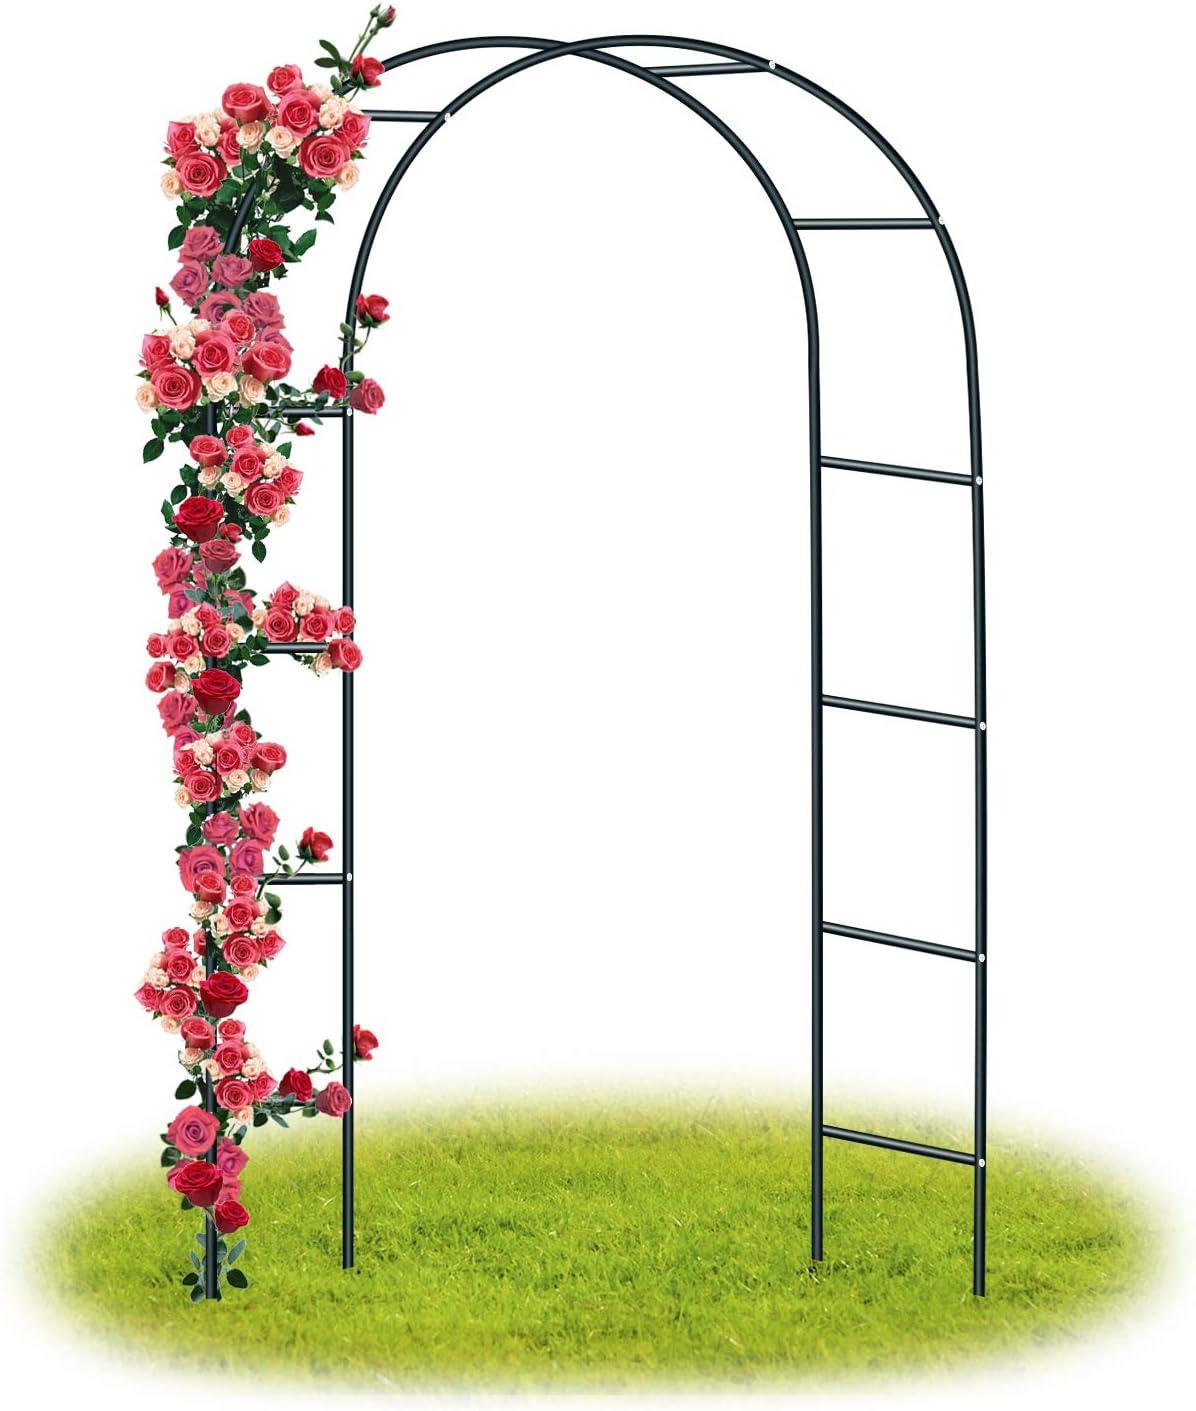 Forever Speed Arco de Rosas Trepadoras ,Decoracion Jardin Arco de Metal para Plantas Trepadoras 240 x 140 x 38 CM /Negro